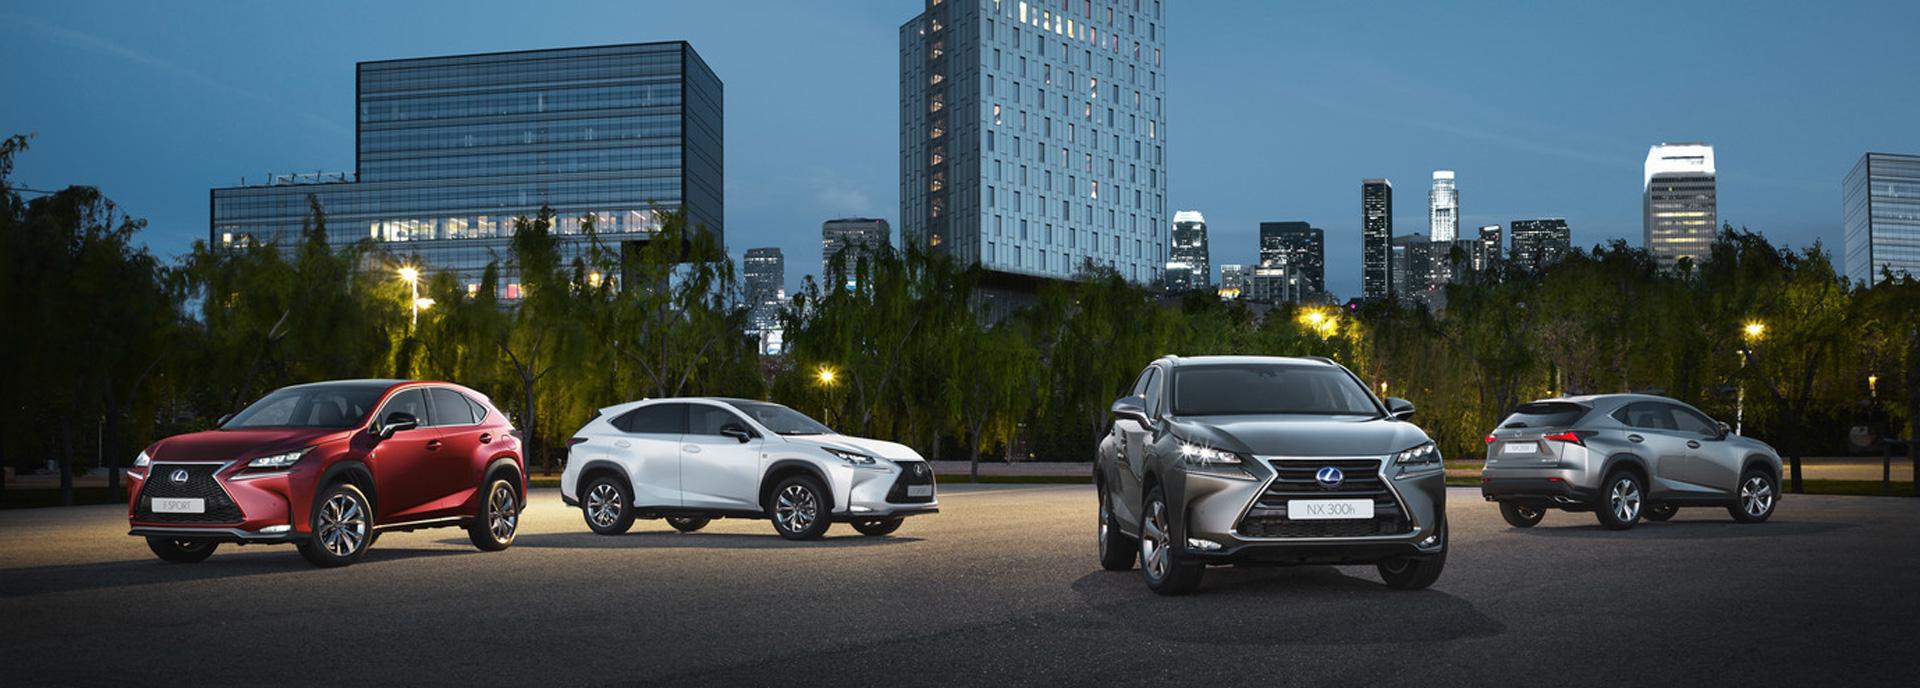 Quattro SUV Lexus NX Hybrid in un parcheggio di sera con grattacieli sullo sfondo